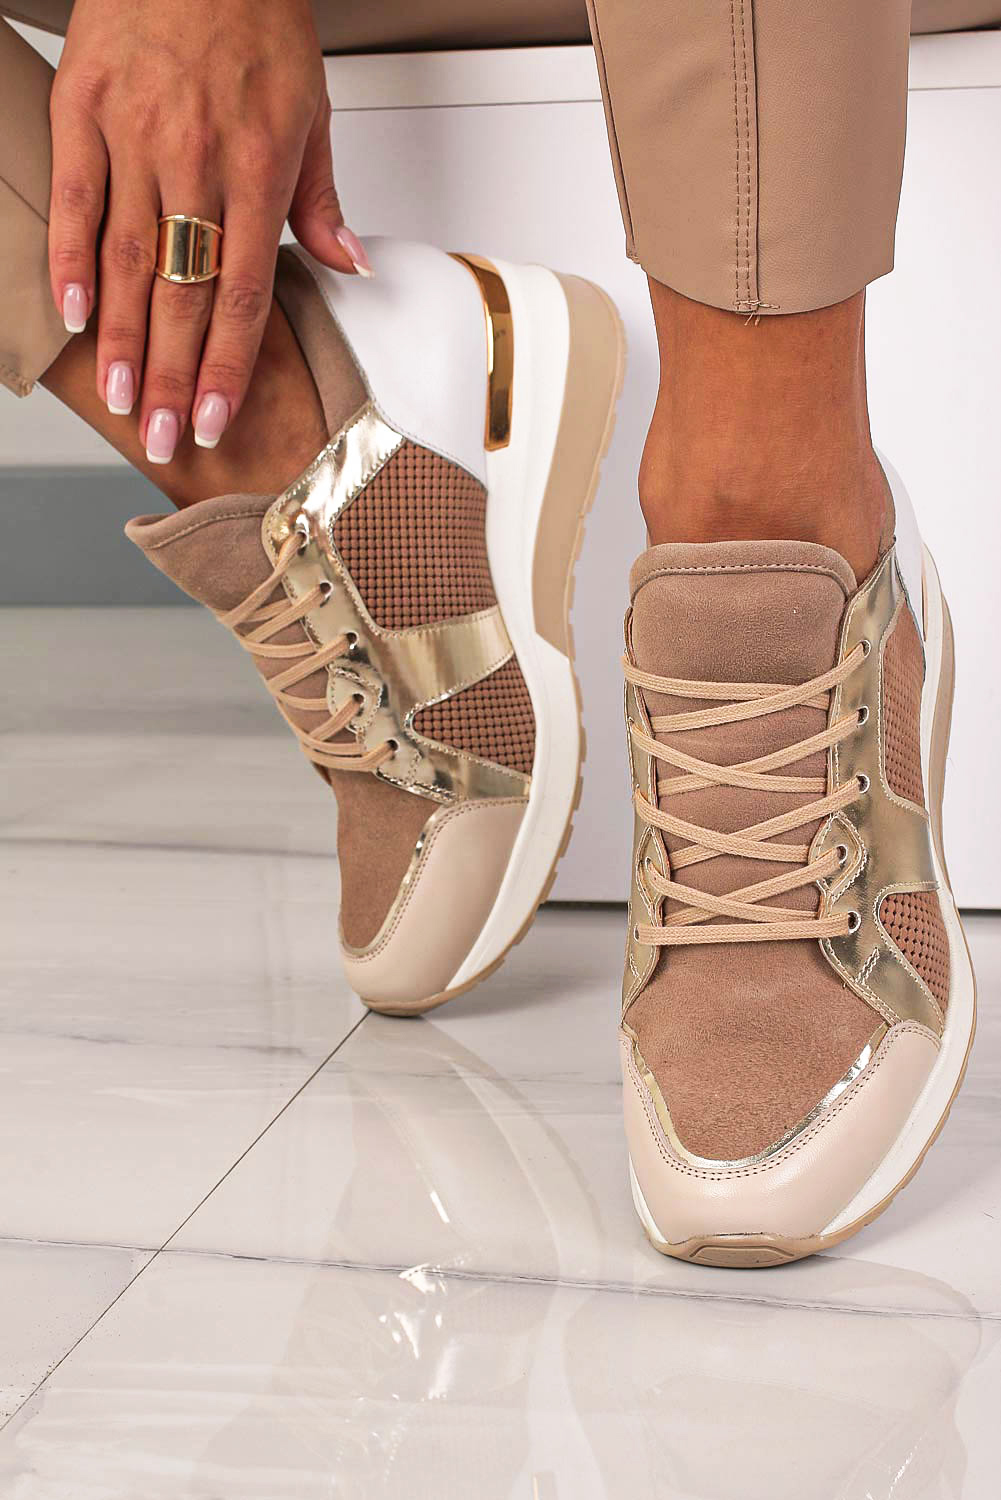 Beżowe sneakersy Kati buty sportowe sznurowane 7023 beżowy